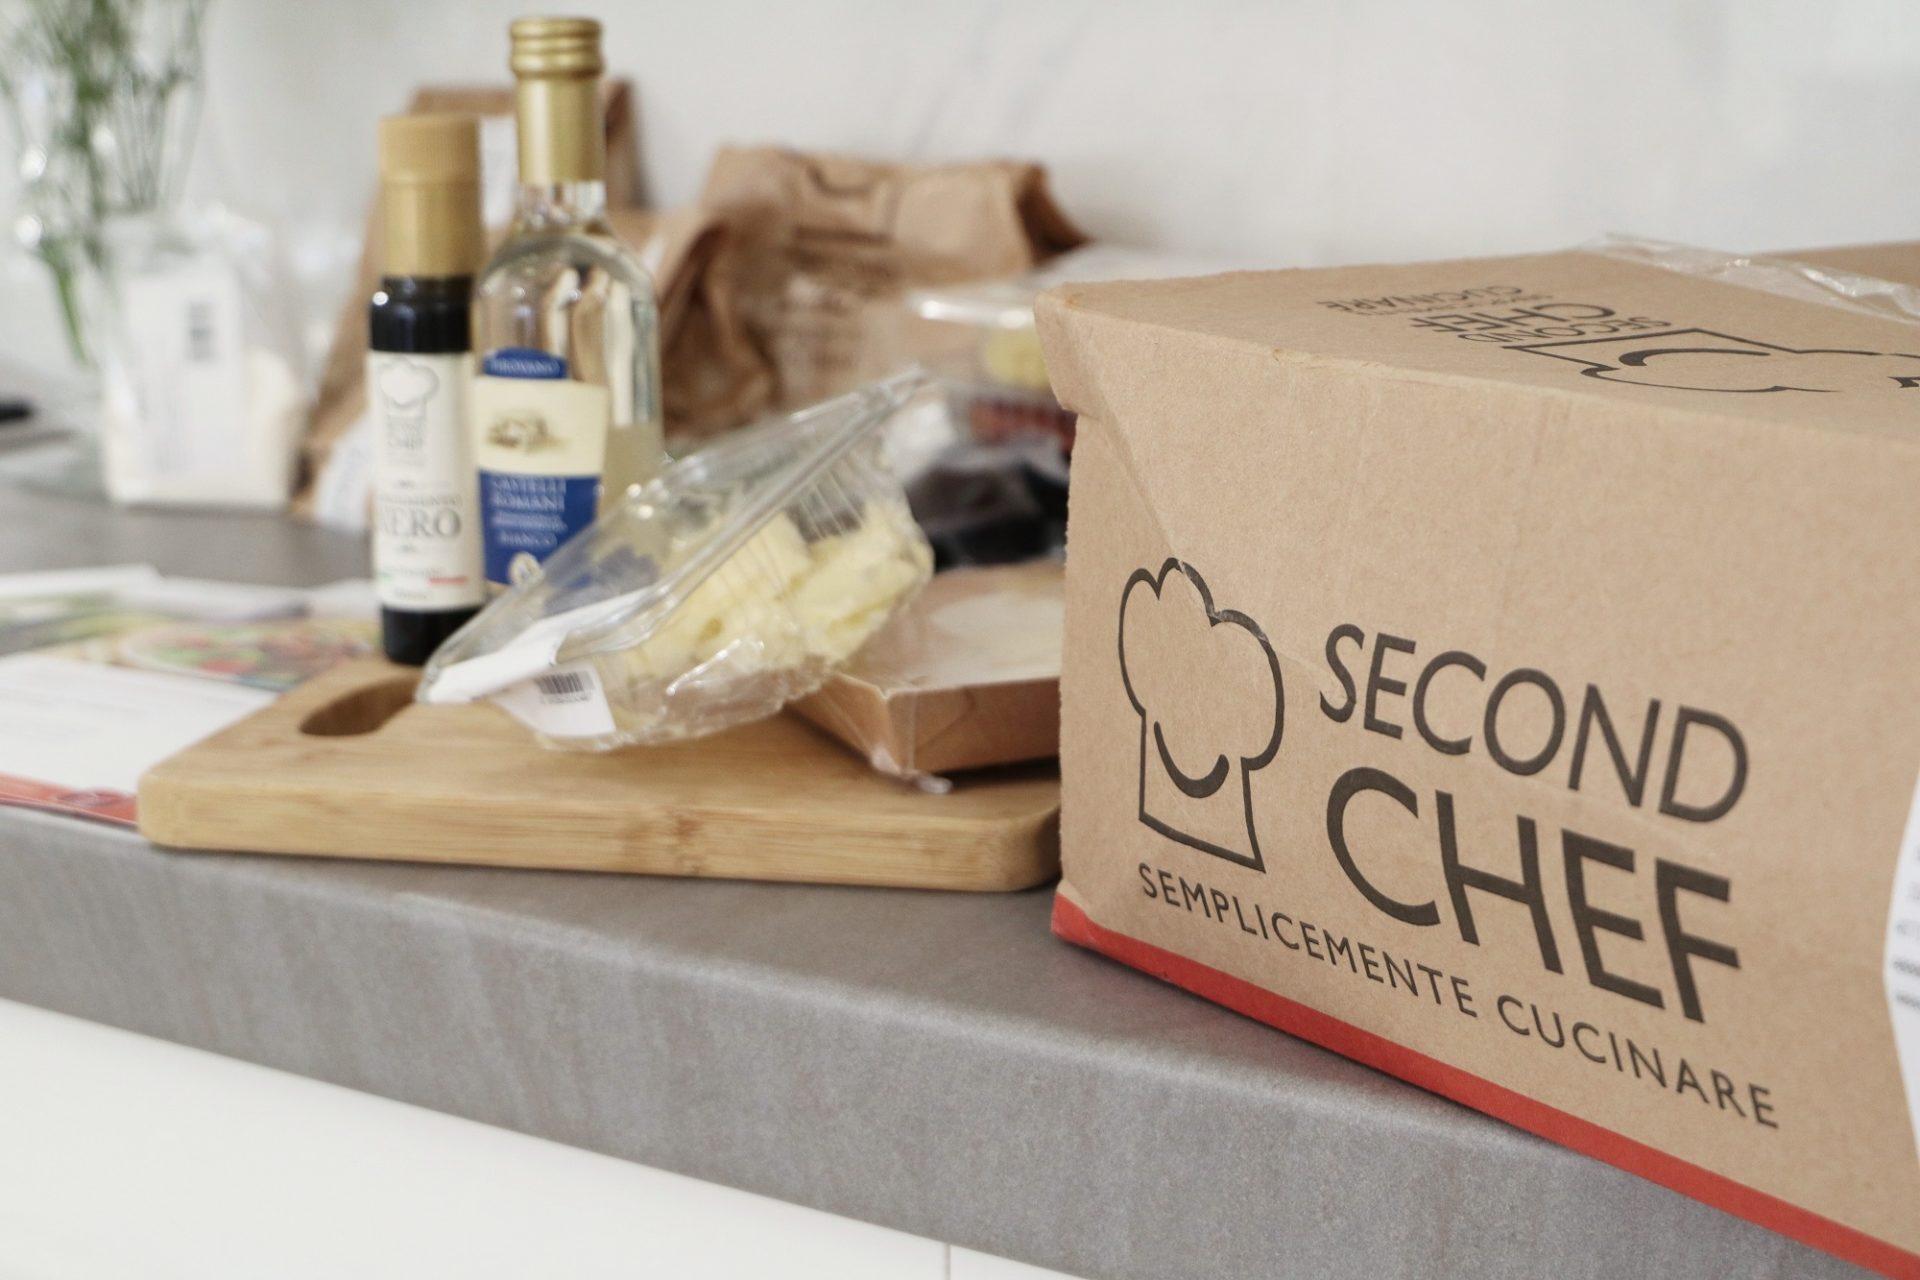 Recensione SecondChef ricette a domicilio